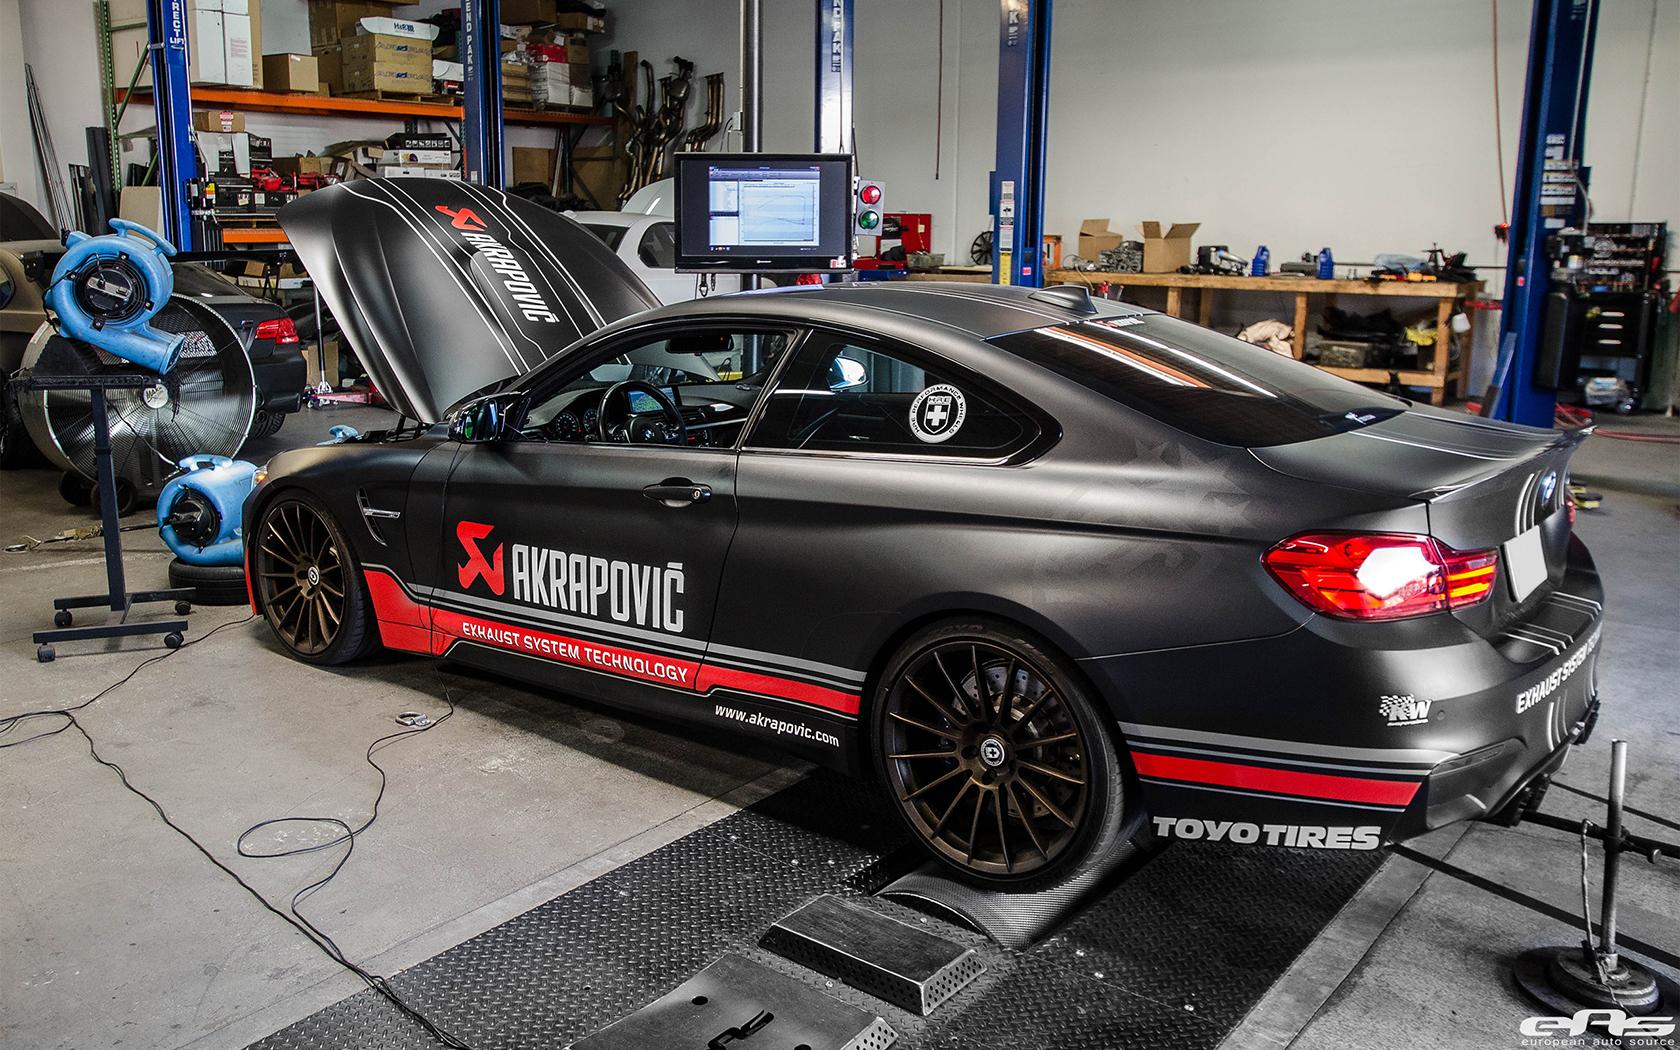 Bmw M4 Con Scarico Akrapovic Racing Che Ruggito Bmwpassion Blog